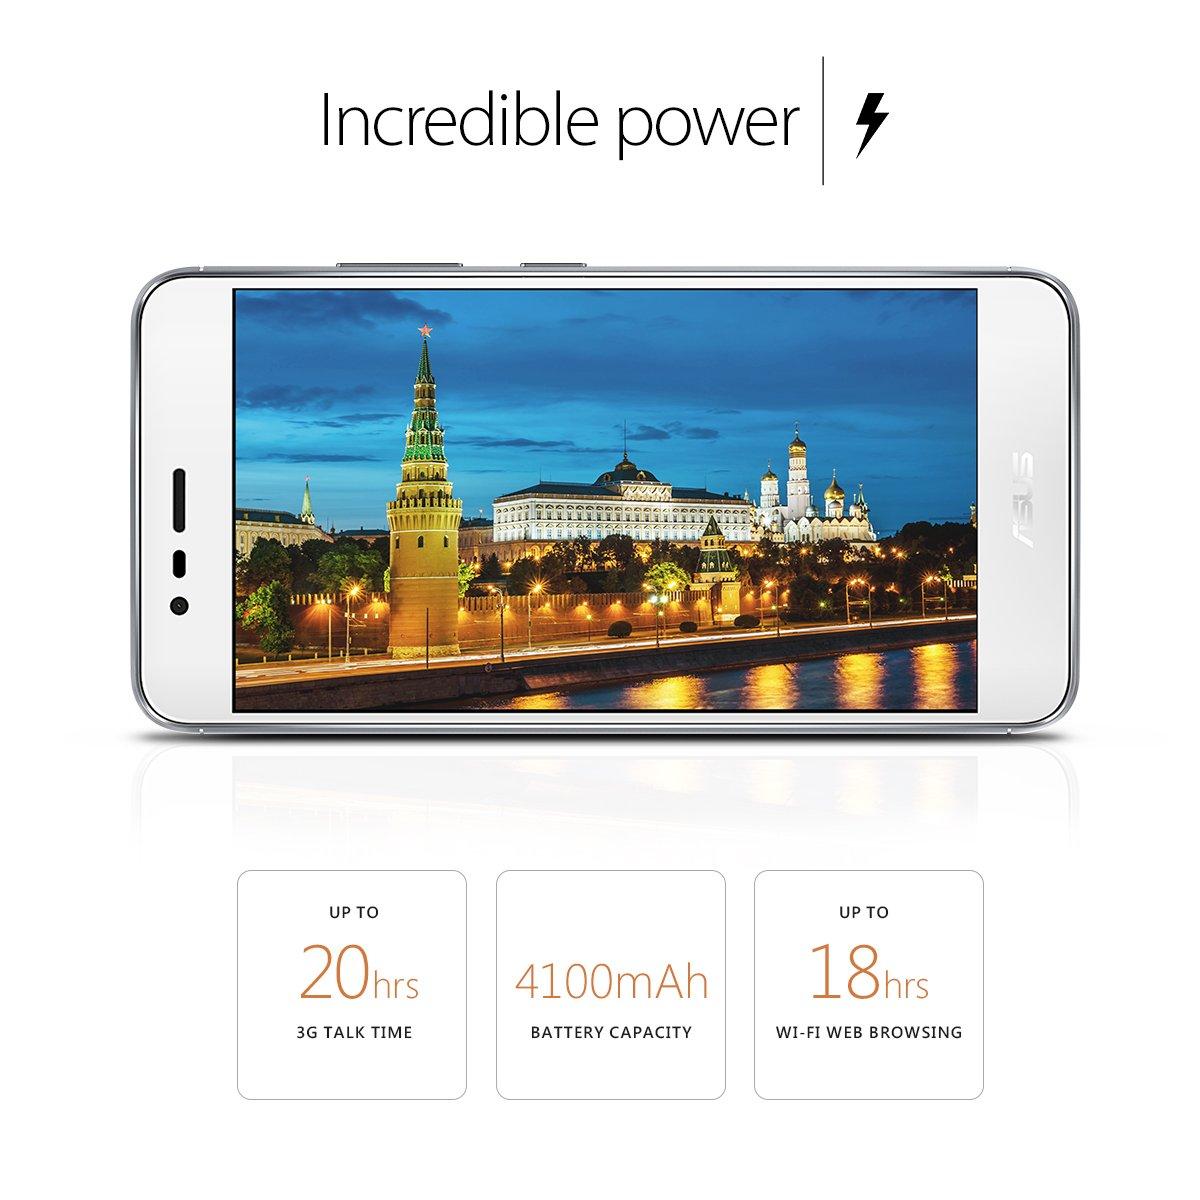 Asus Zenfone 3 Max Zc520tl Smartphone 52 Inch 16gb Zoom S Ze553kl Lte 55ampquot 4 64gb Glacier Silver Cell Phones Accessories